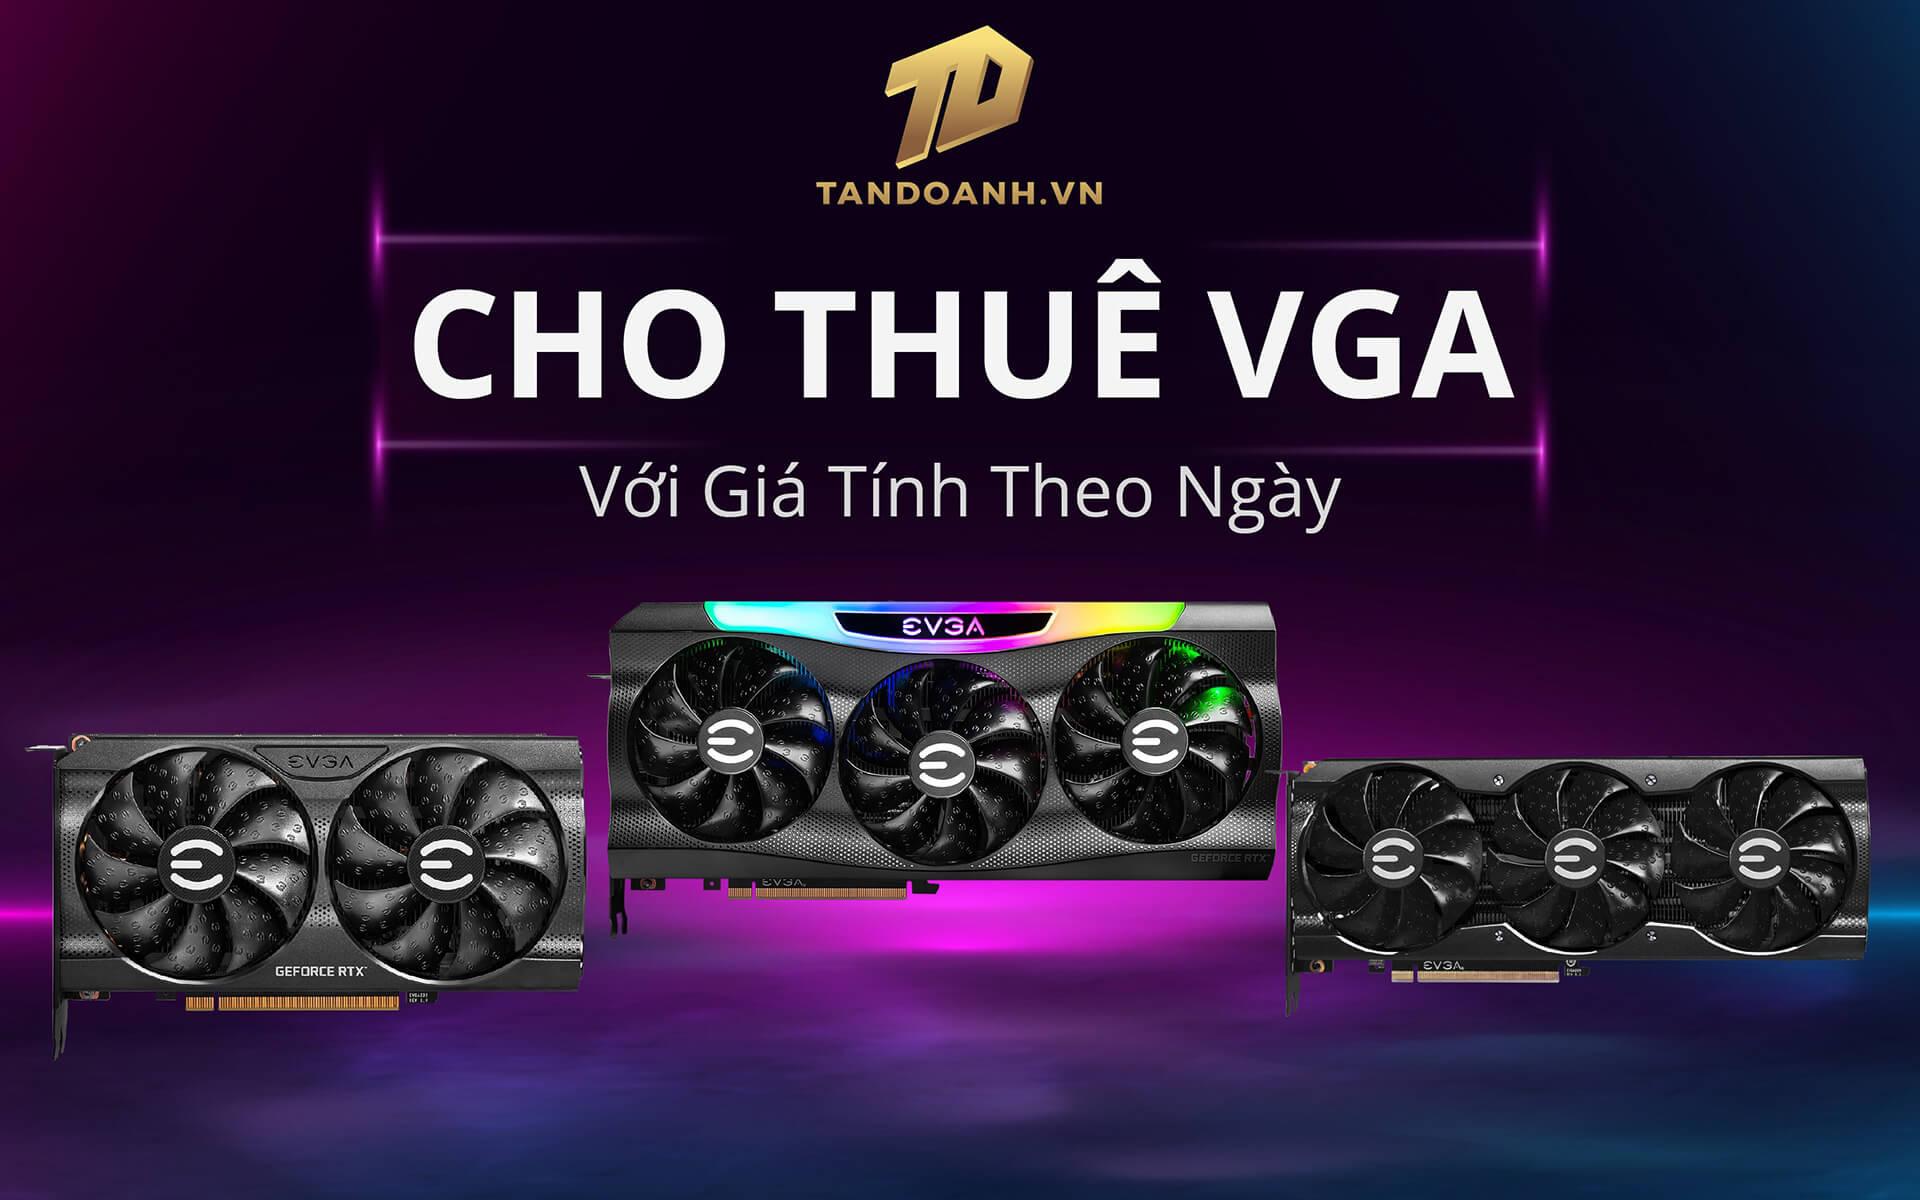 Bảng giá cho thuê VGA